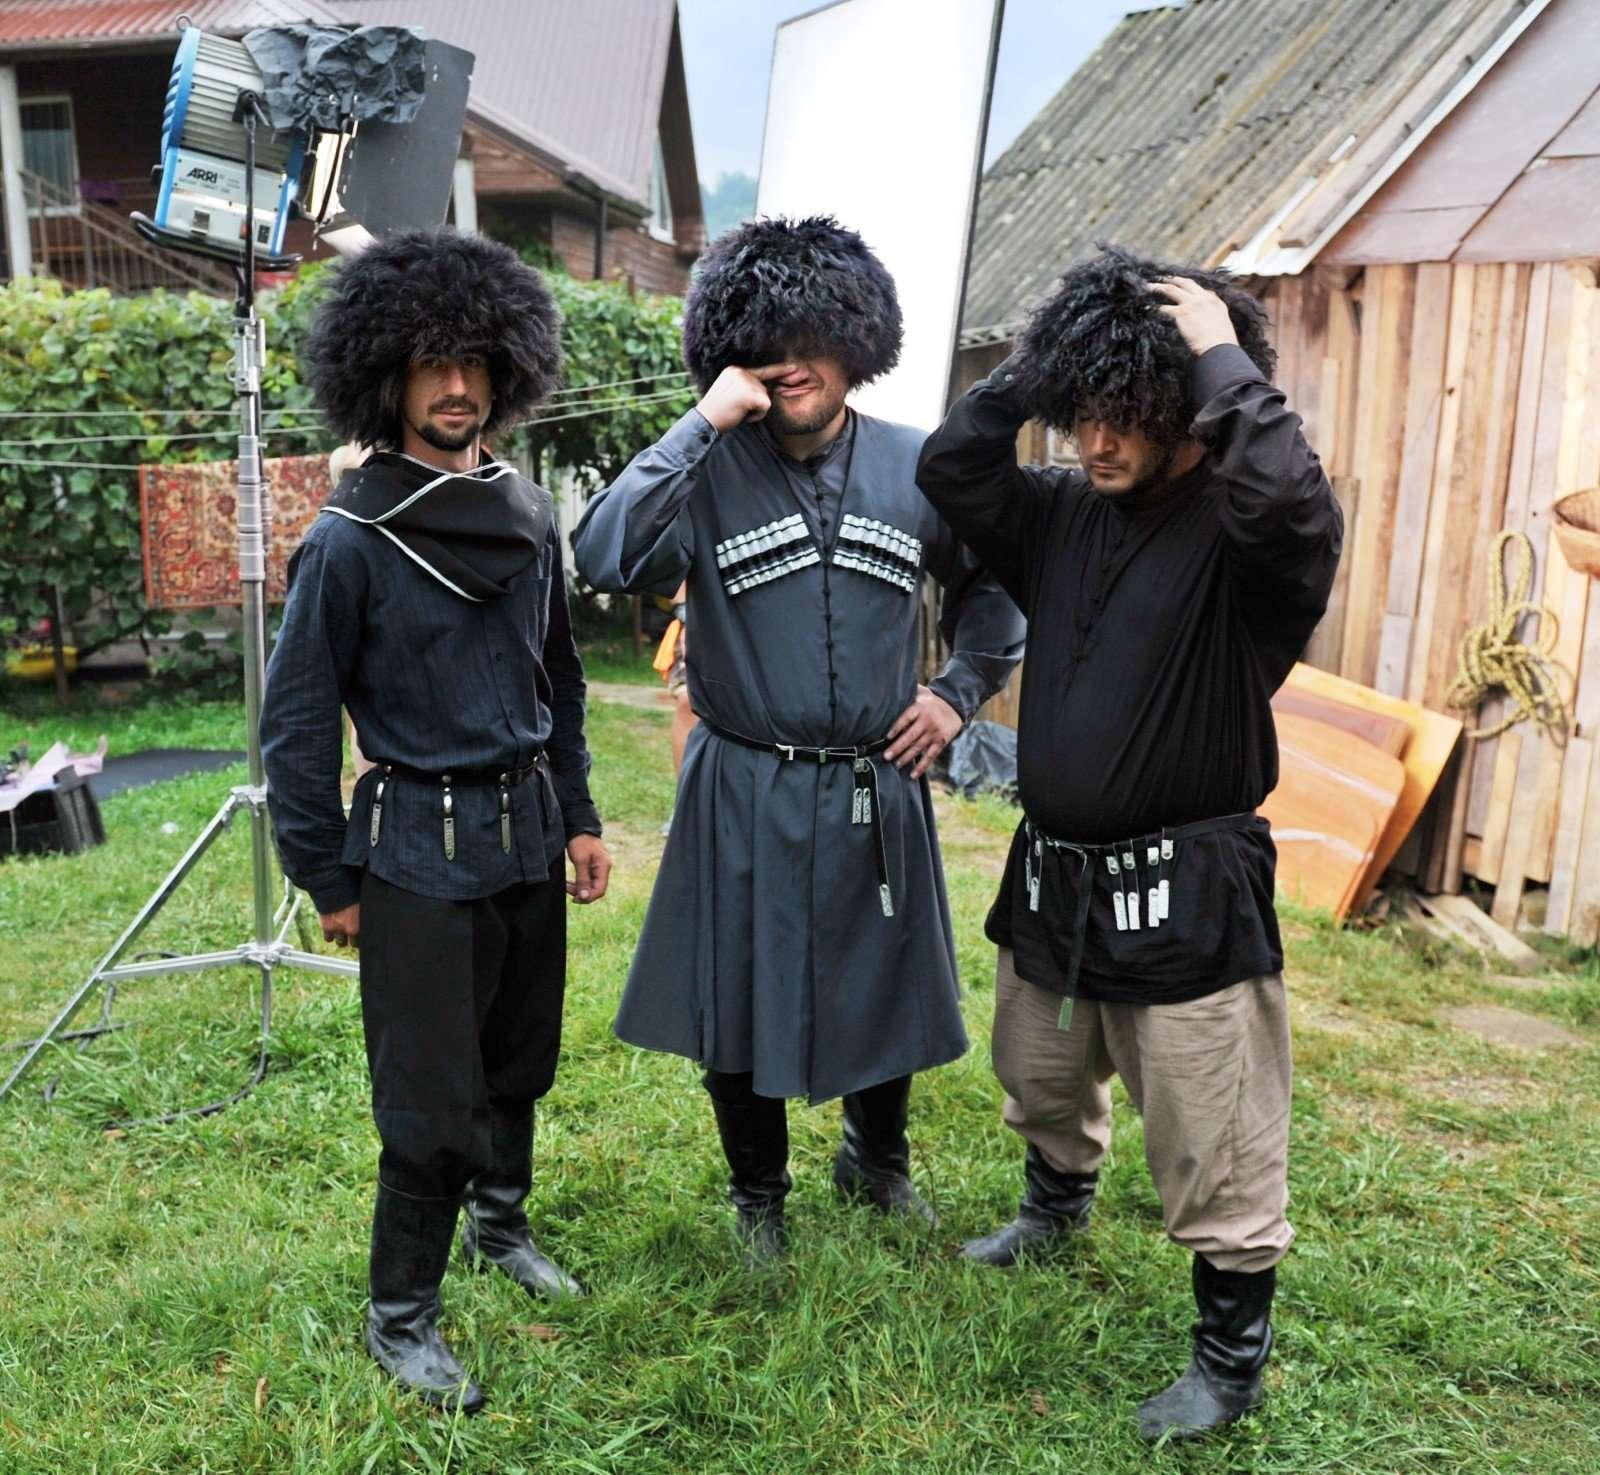 «Воронины» отмечают 10-летие съемок и премьеру нового сезона. Что изменилось в жизни героев за эти годы